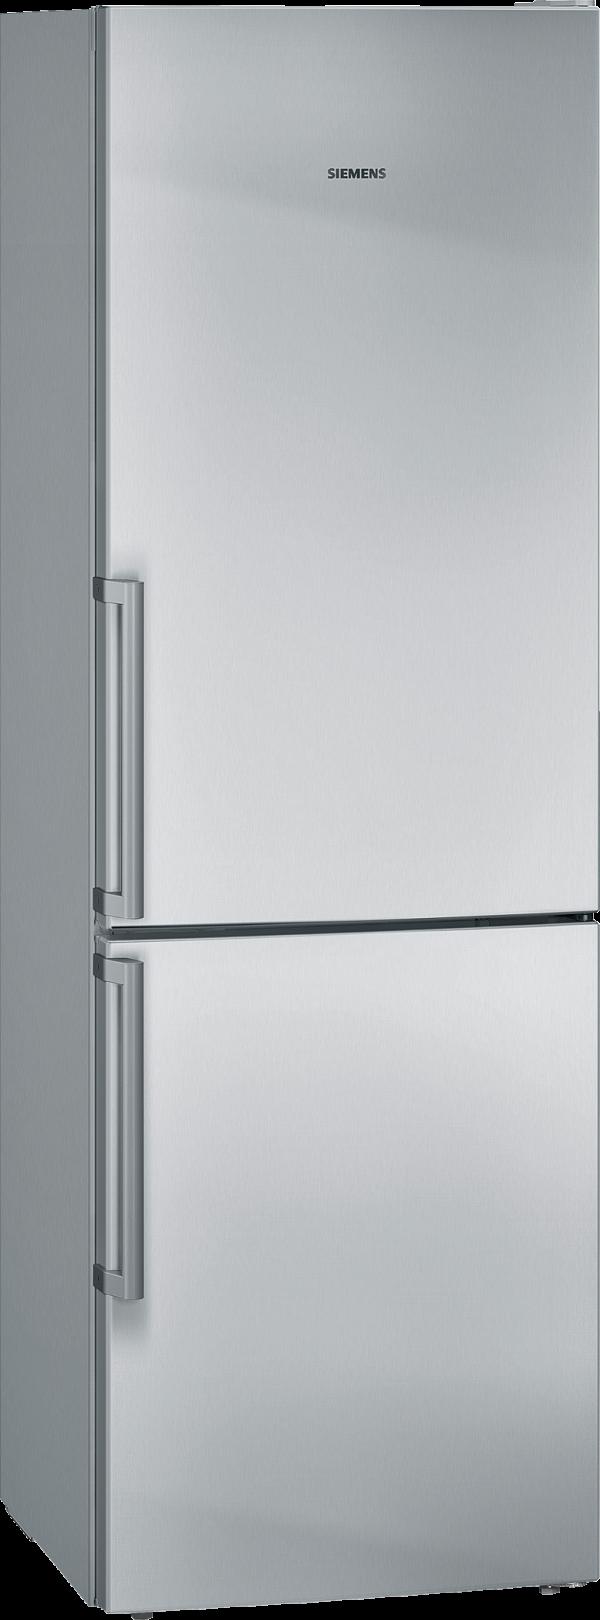 Siemens KG36VEL30 Koel/vriescombinatie